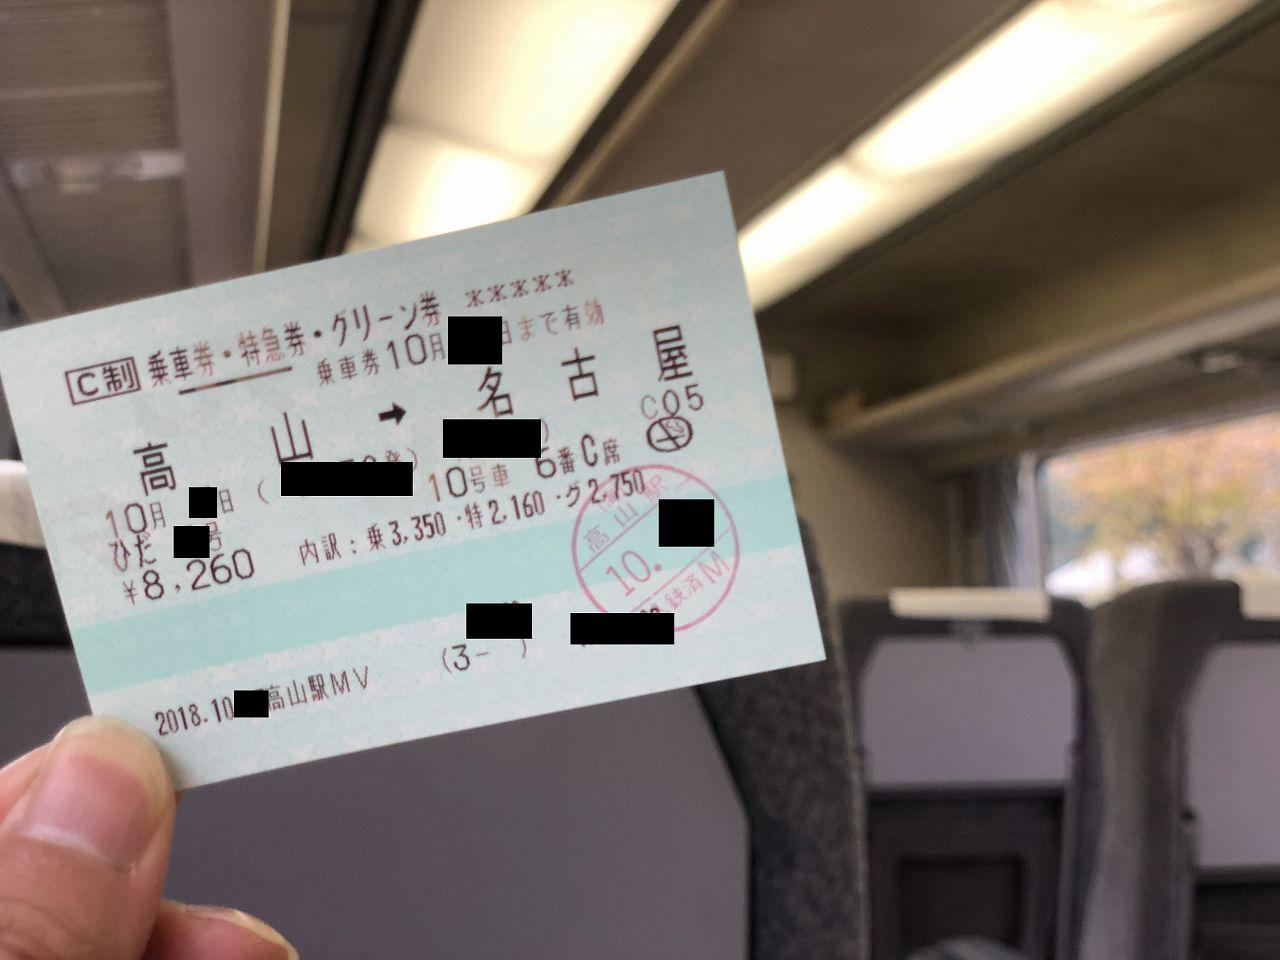 ワイドビューひだのグリーン車切符